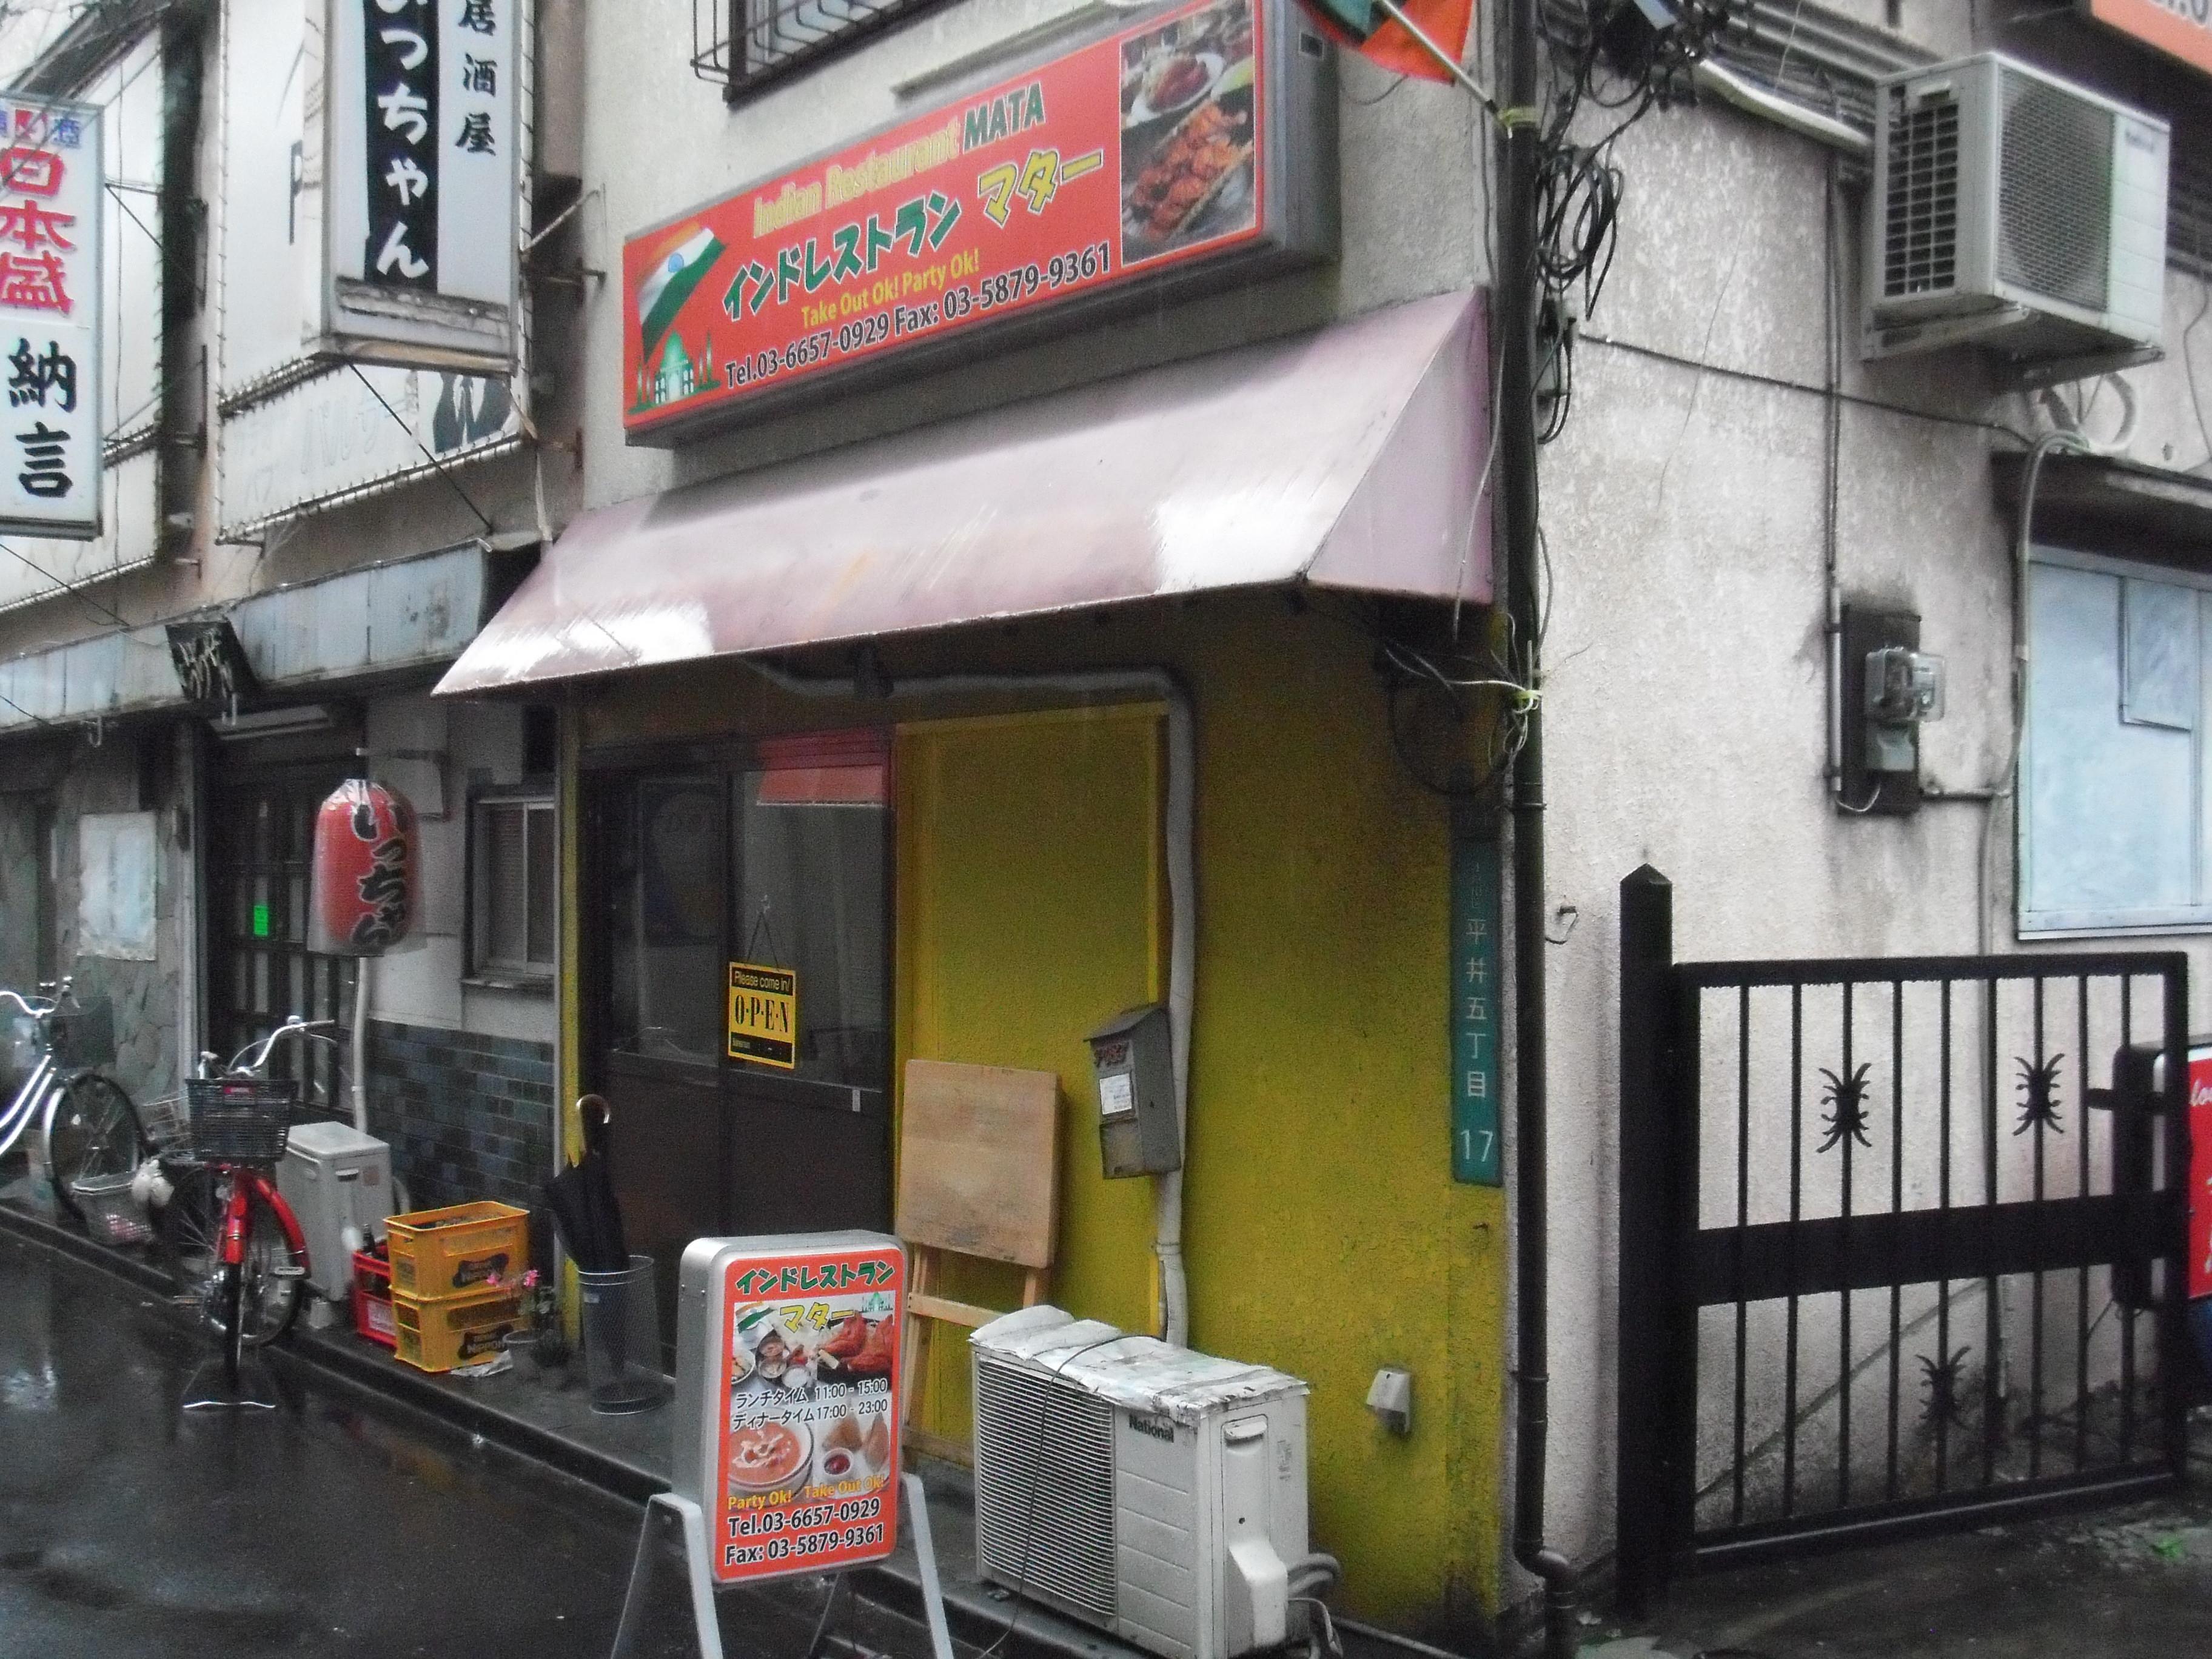 平井 インドレストラン マター様